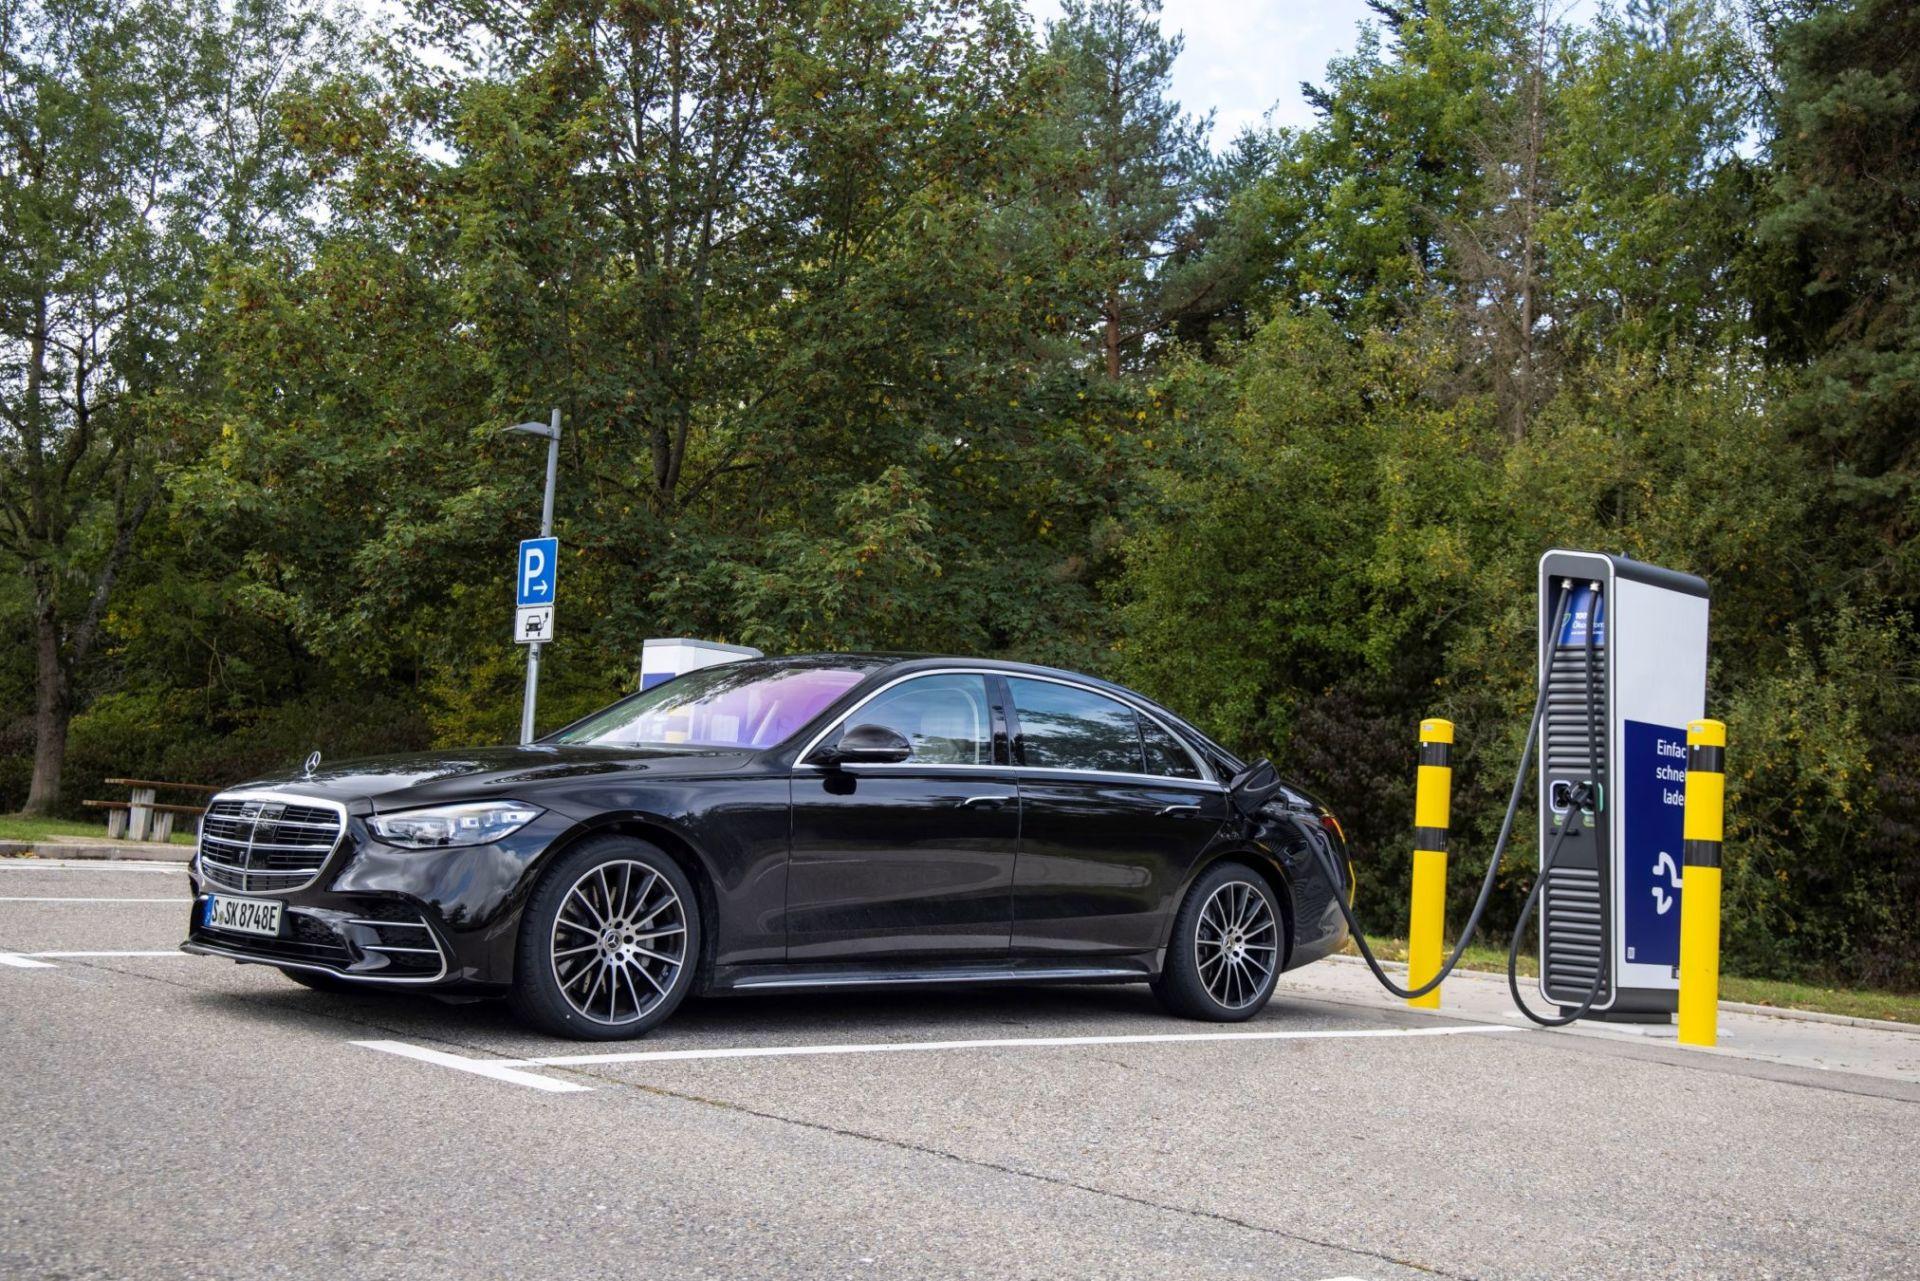 Mercedes Classe S plug-in hybride : Jusqu'à 100 kilomètres en tout électrique